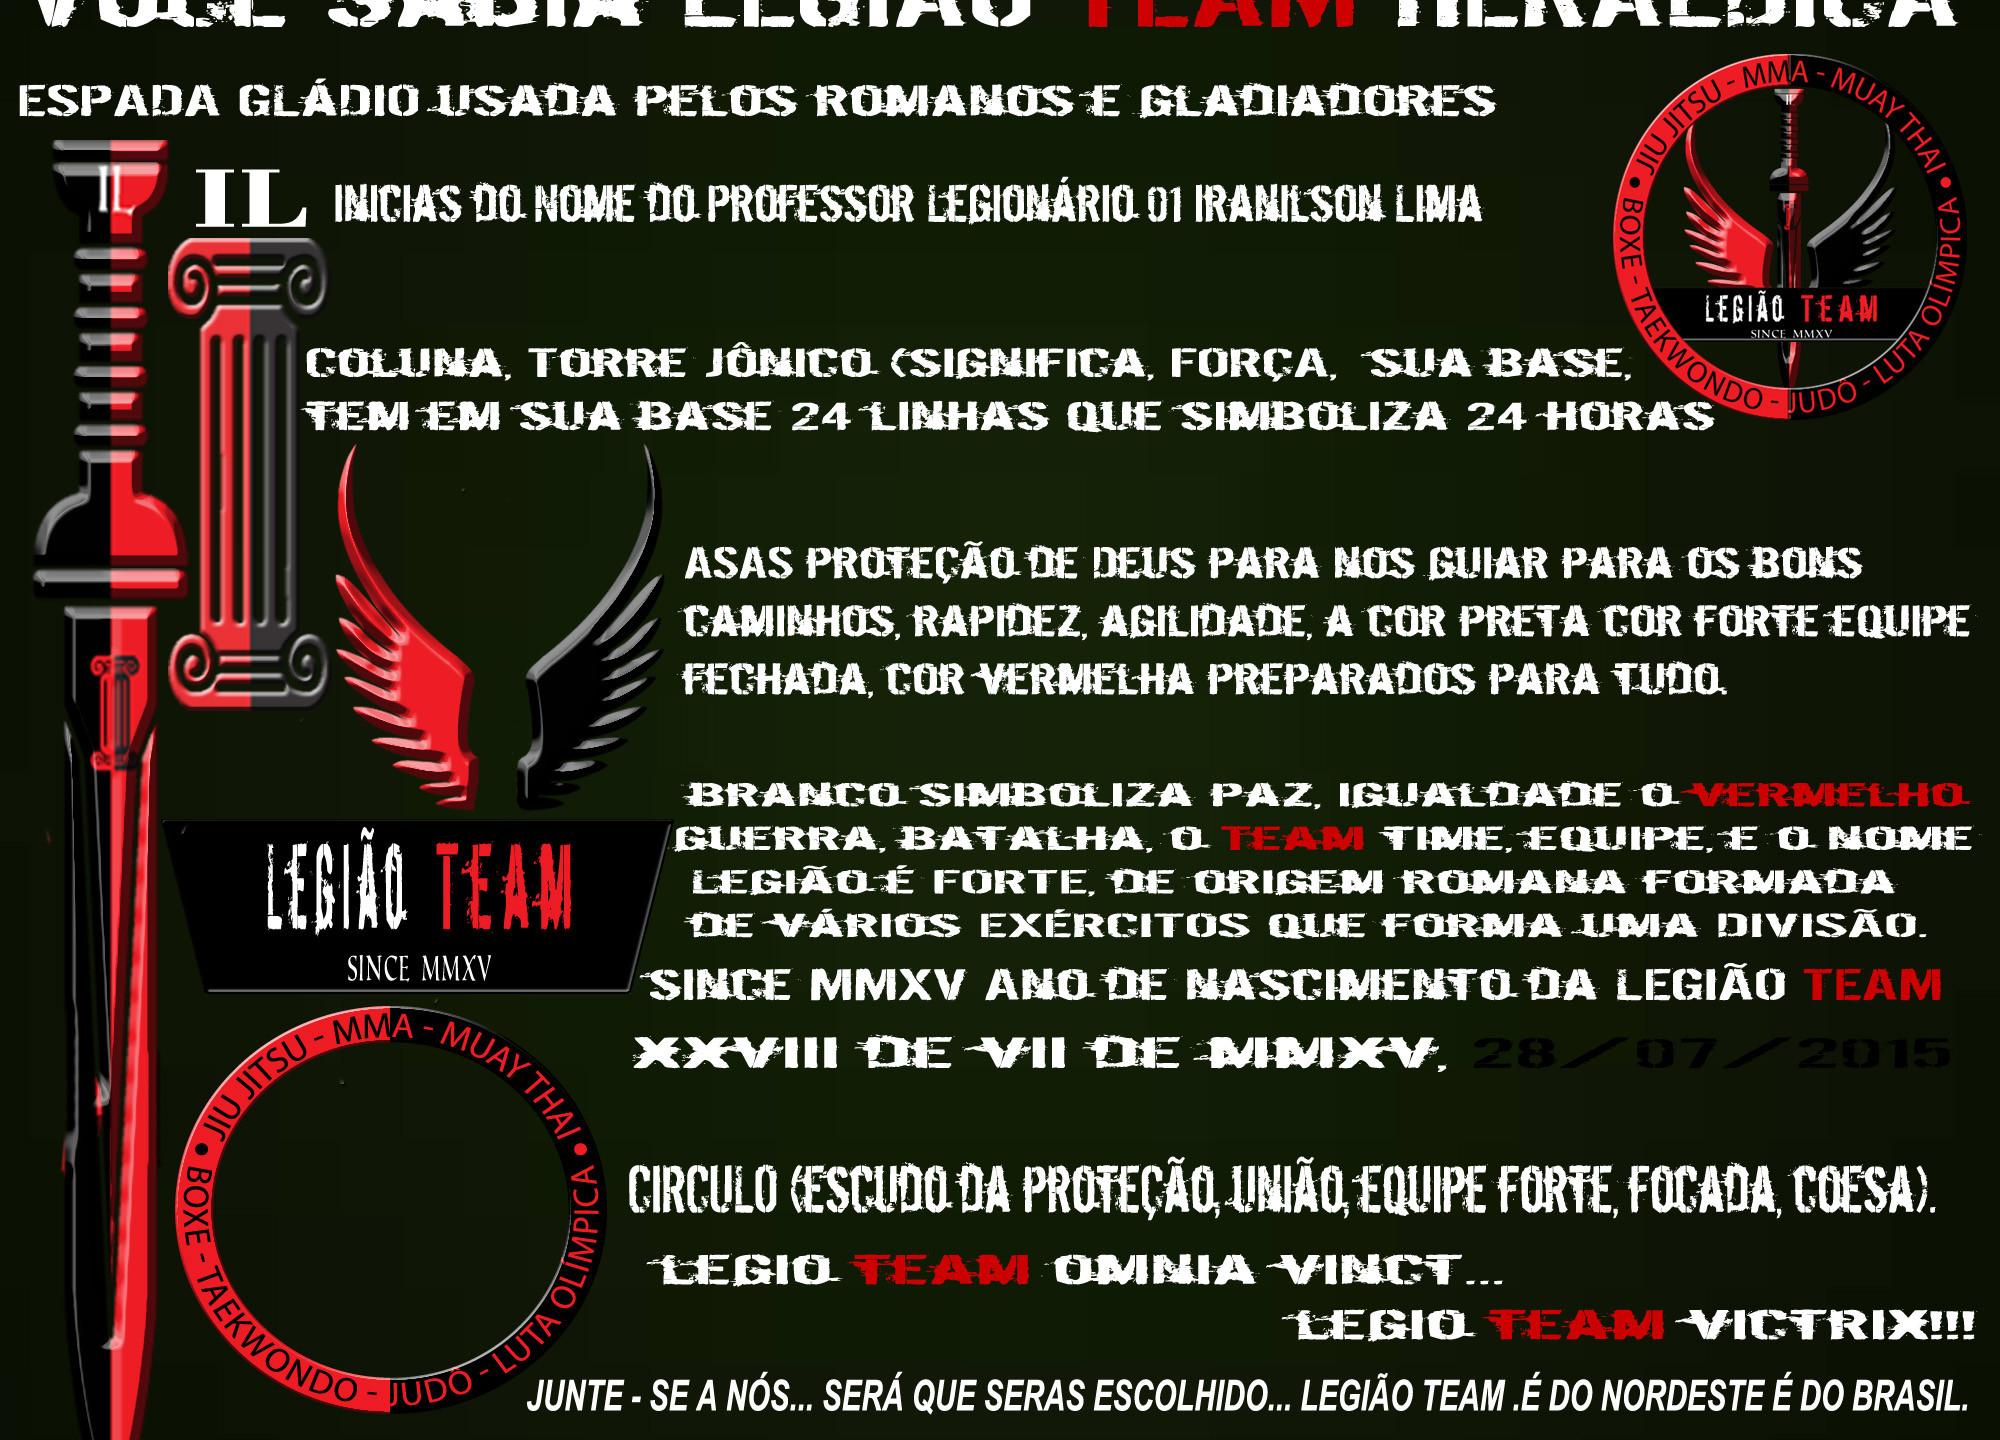 06.11.15_LEGIÃO_TEAM_HERALTICA_FINAL